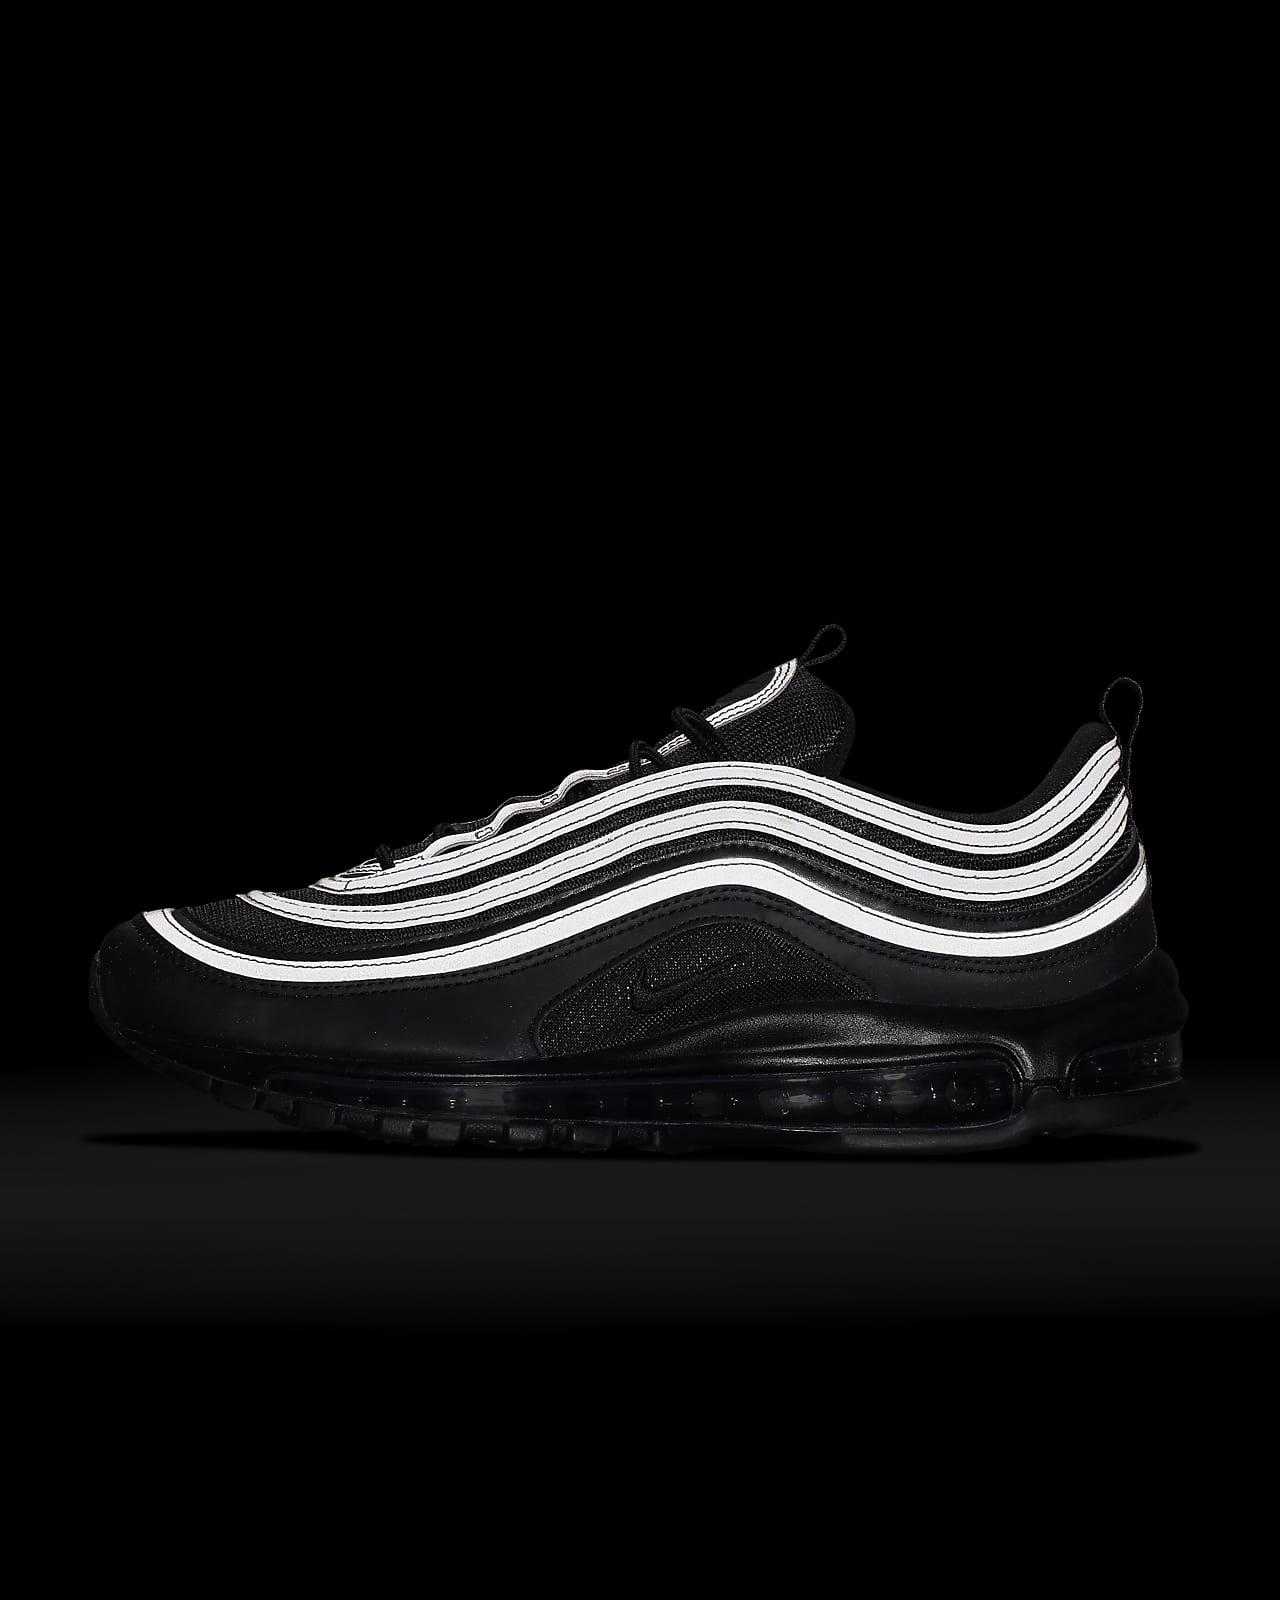 chaussure nike air max 97 blanche